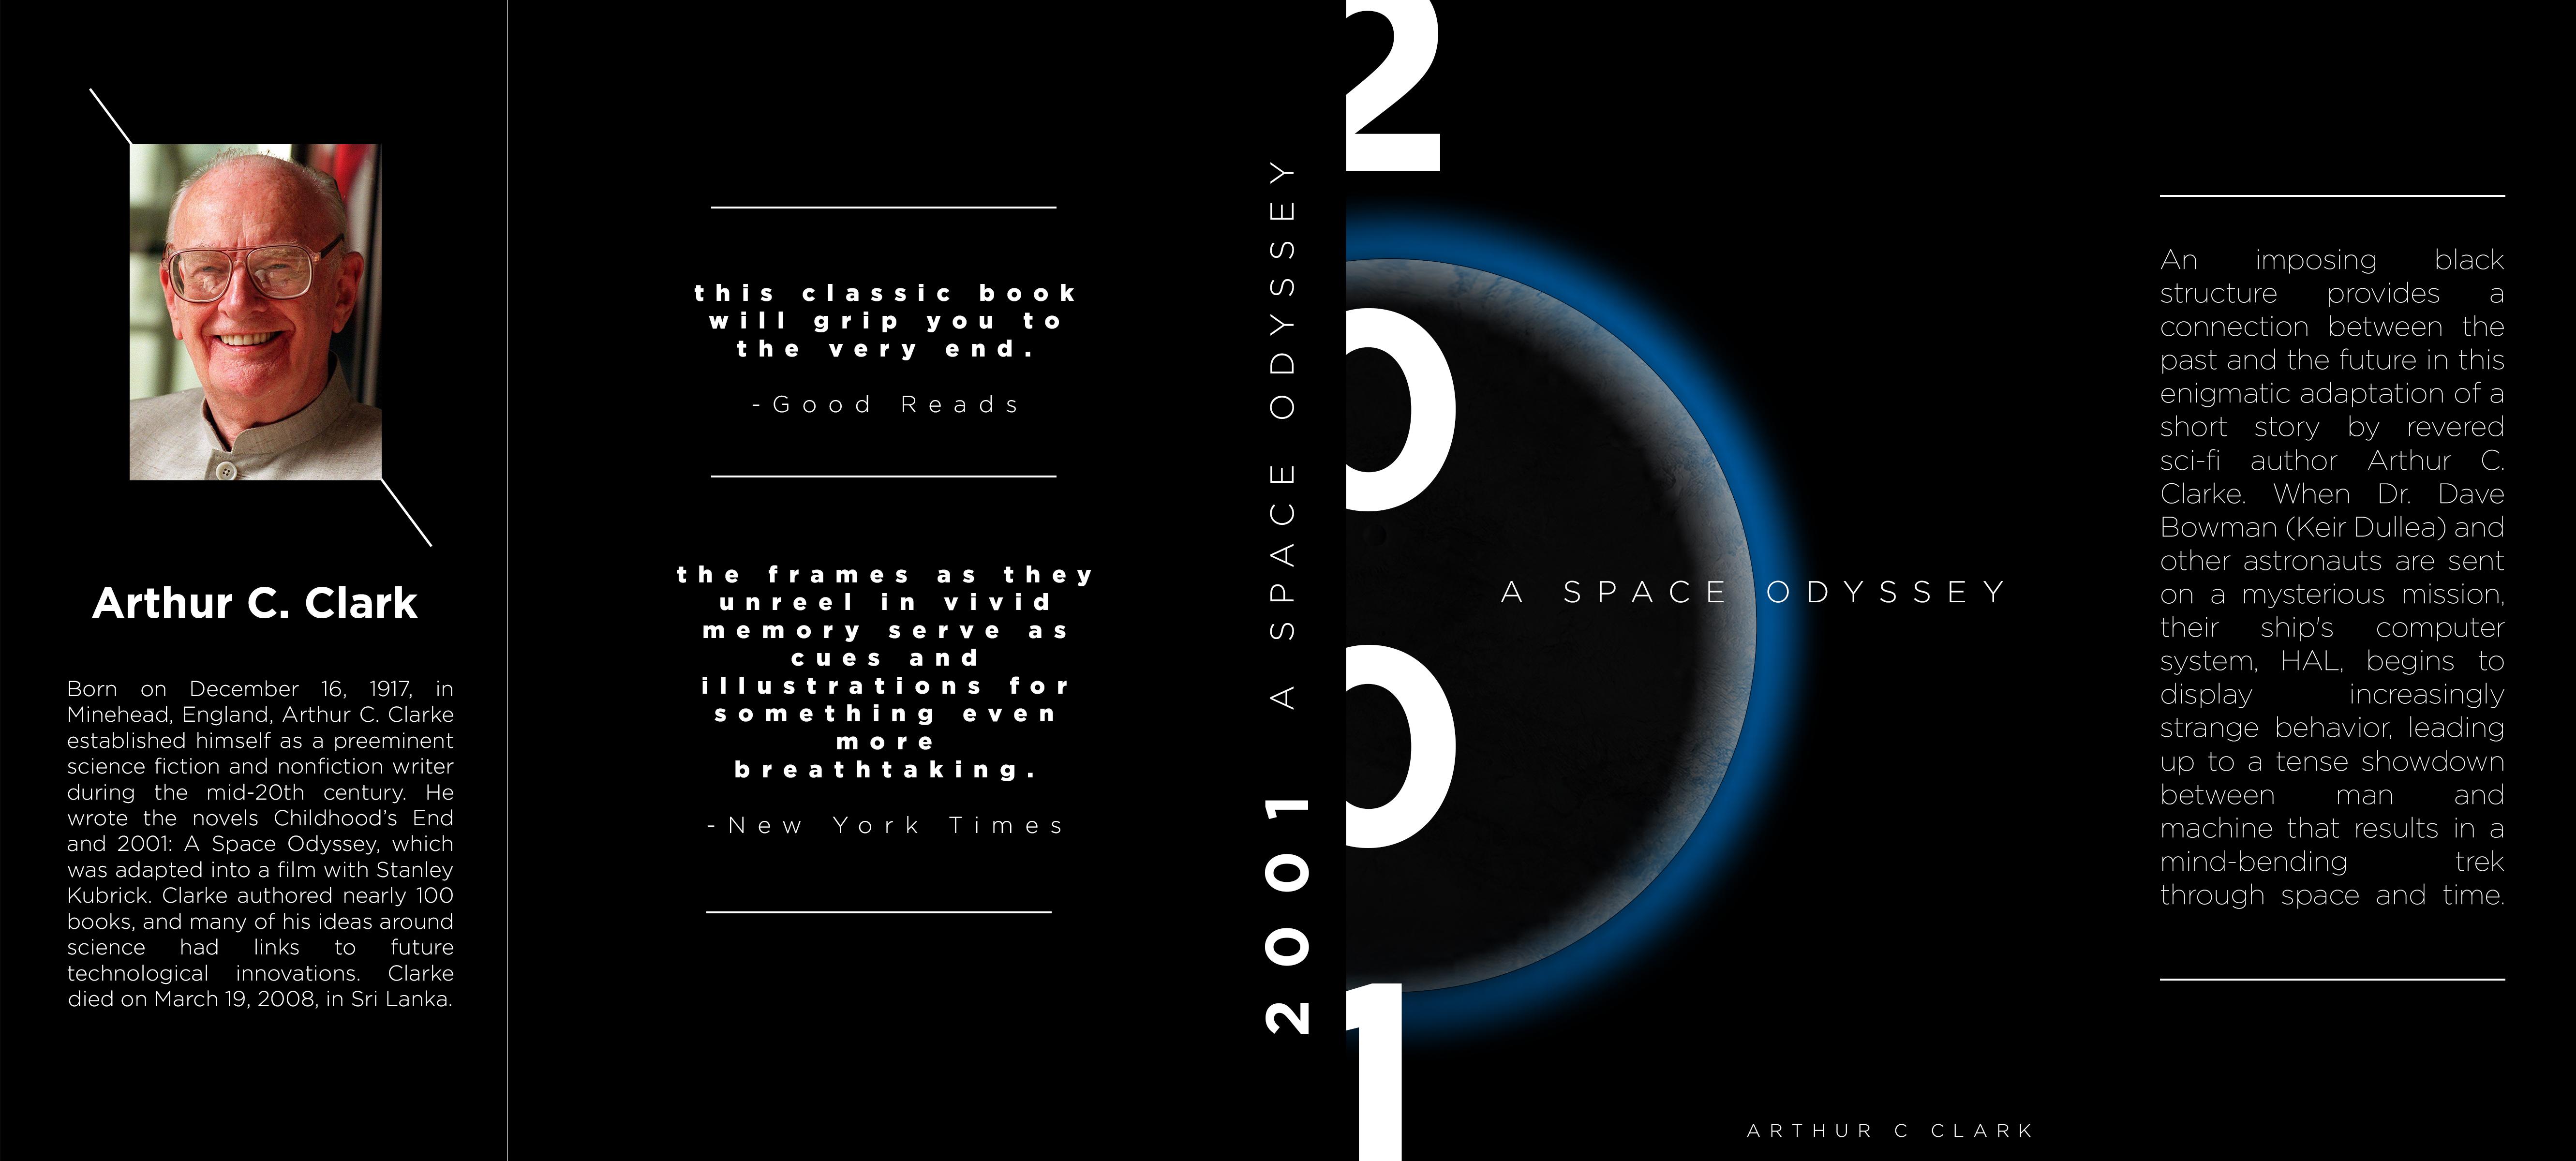 Brady P BookCover 2001 a space odyssey